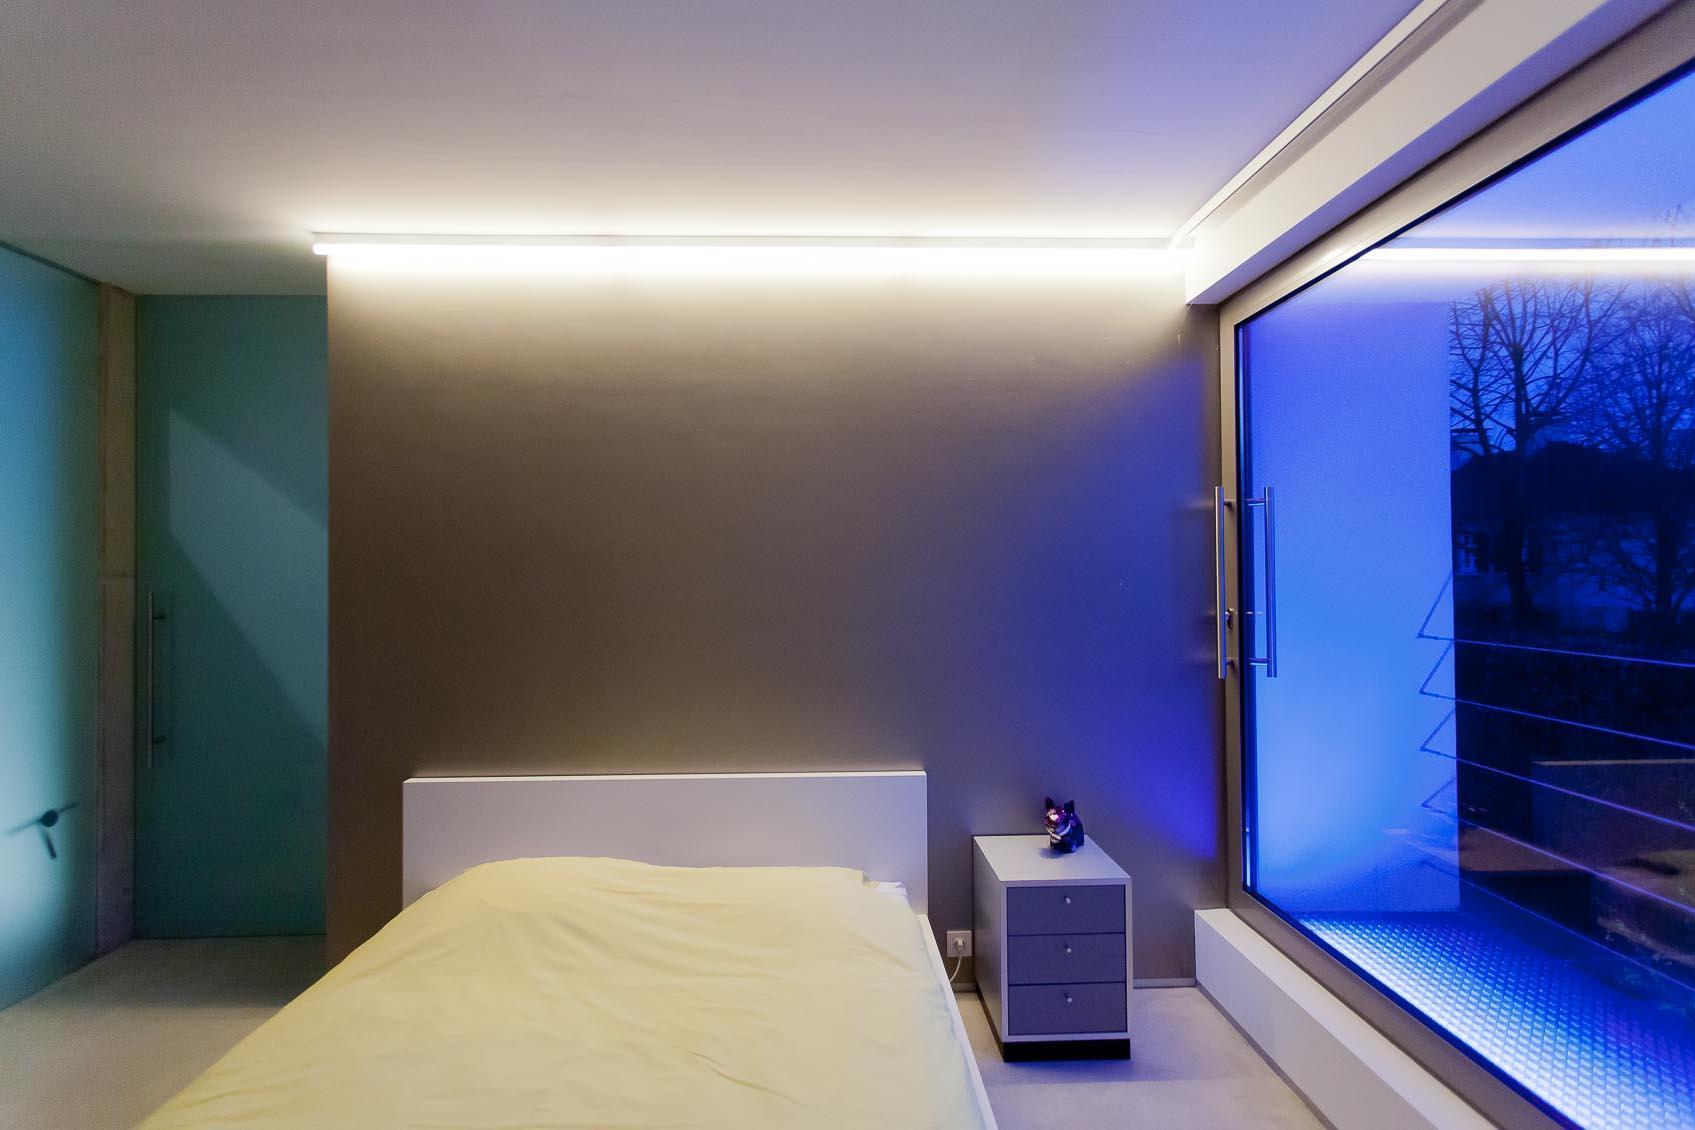 lichtconcept in slaapkamer